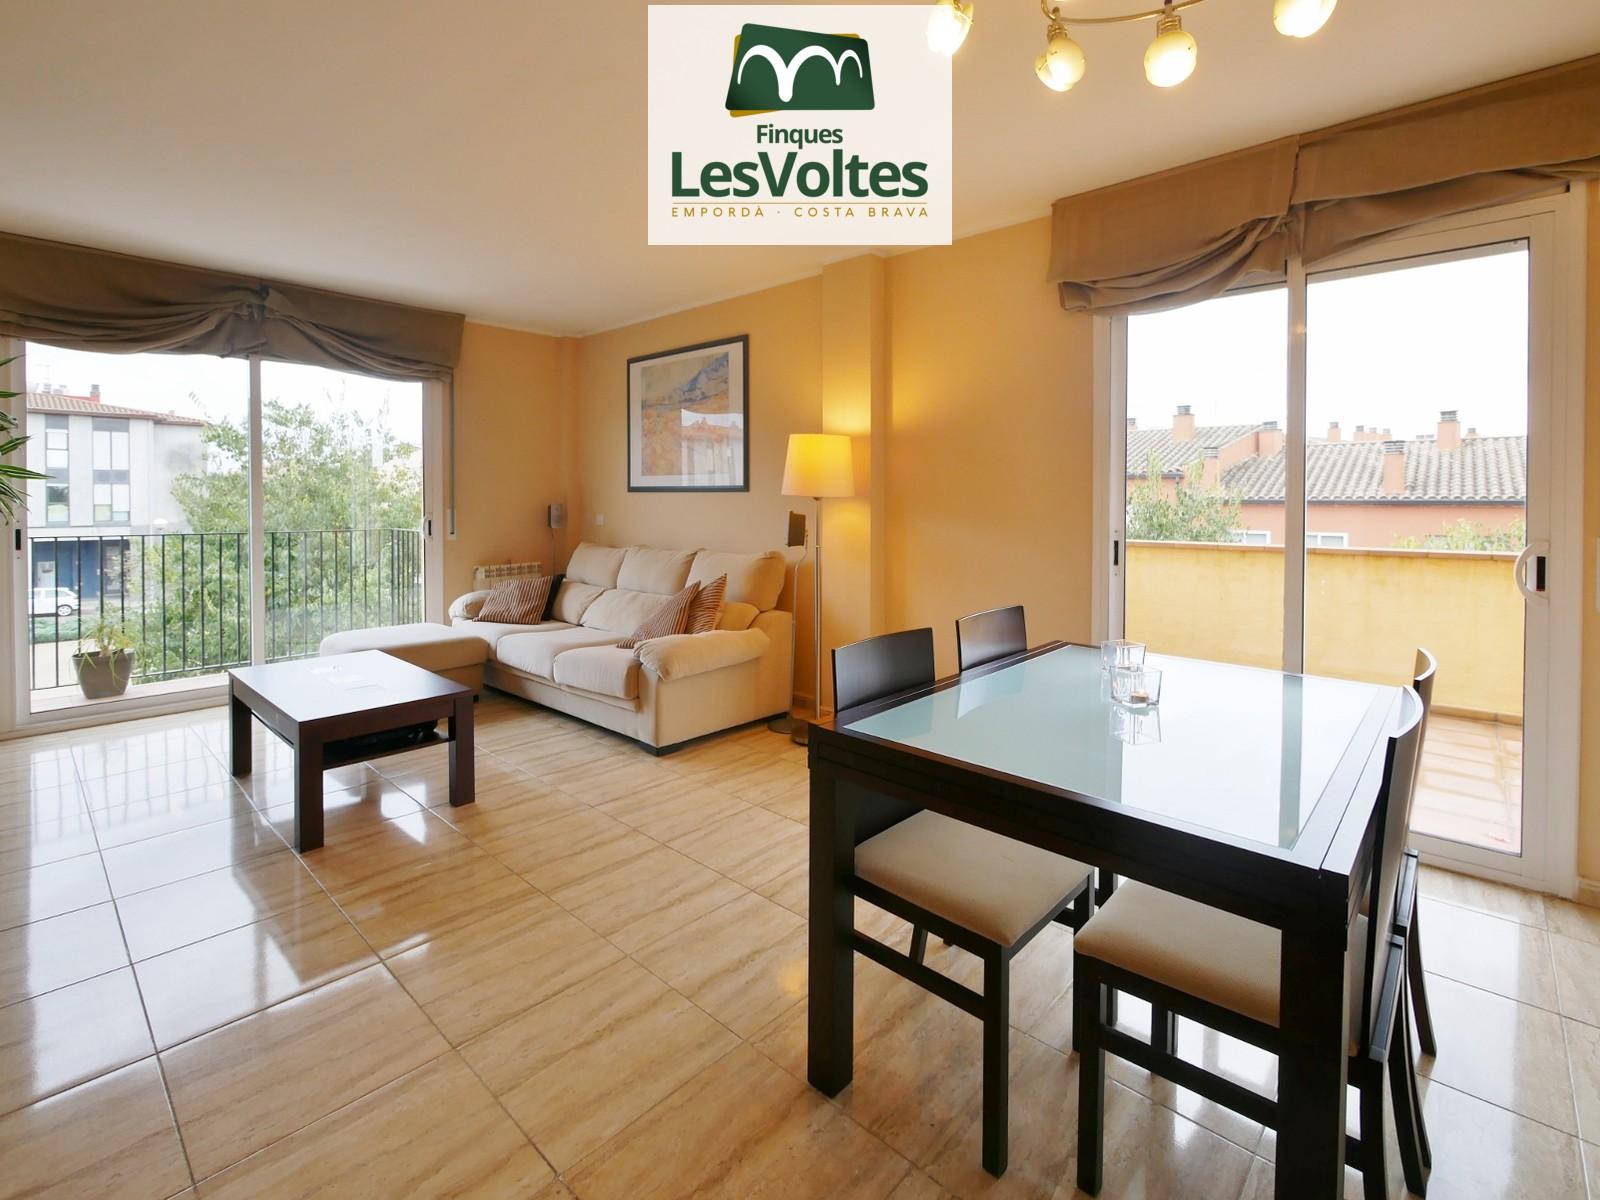 Magnífic pis amb Terrassa i plaça d'aparcament en venda a Palafrugell. Totalment exterior i molt lluminós.